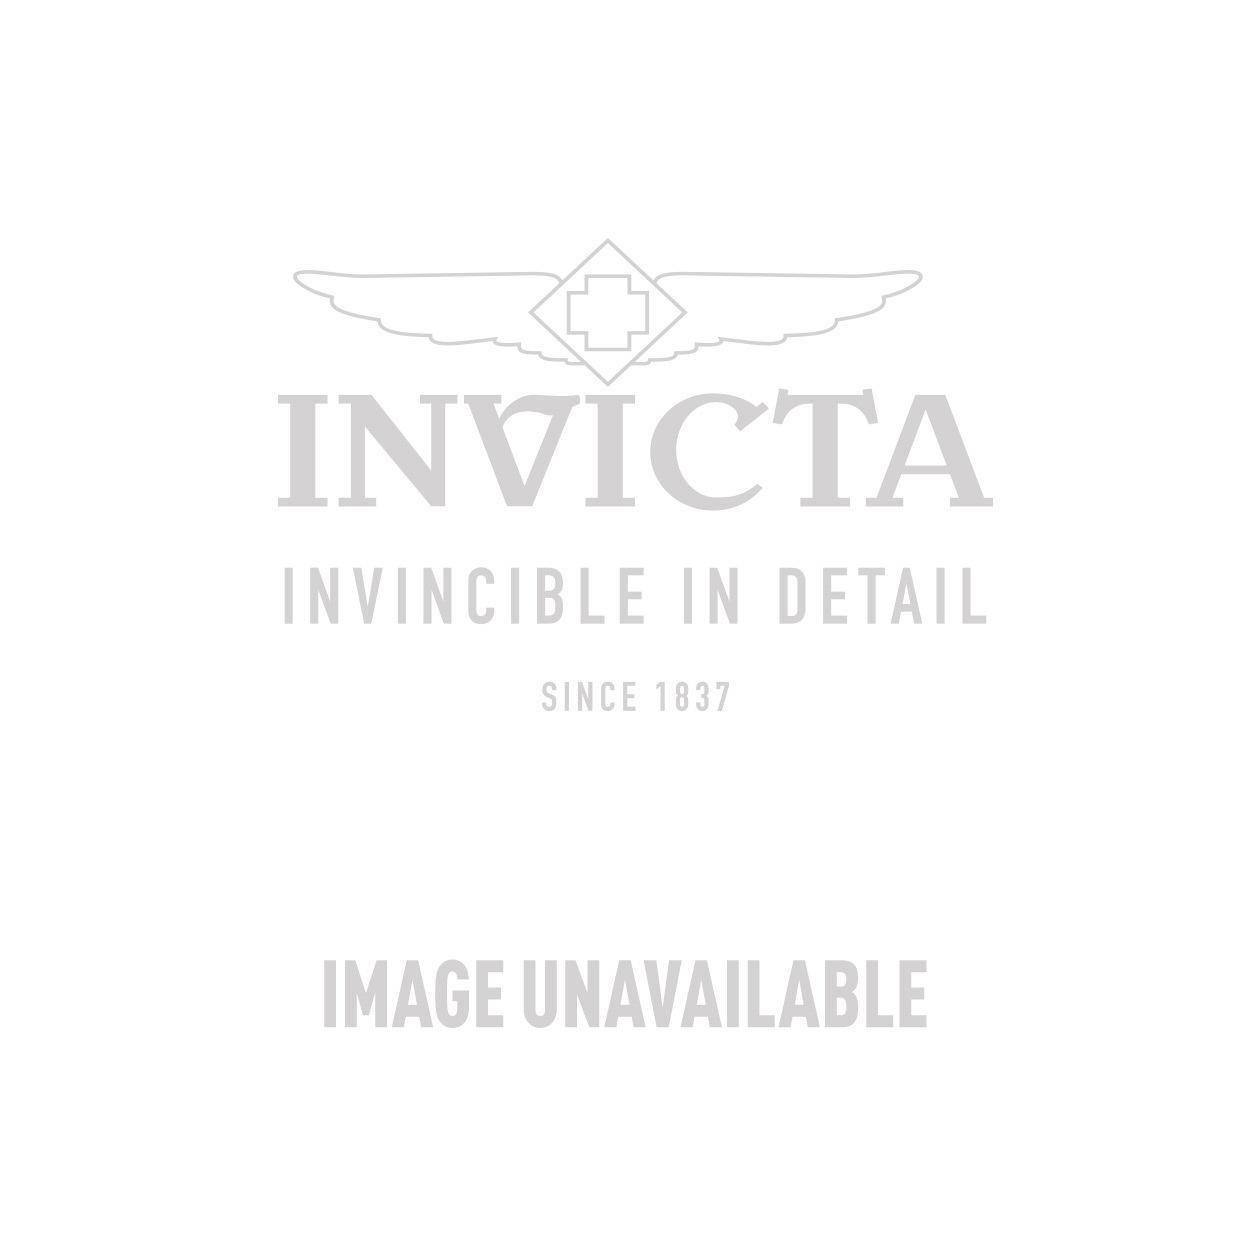 Invicta Model 25556